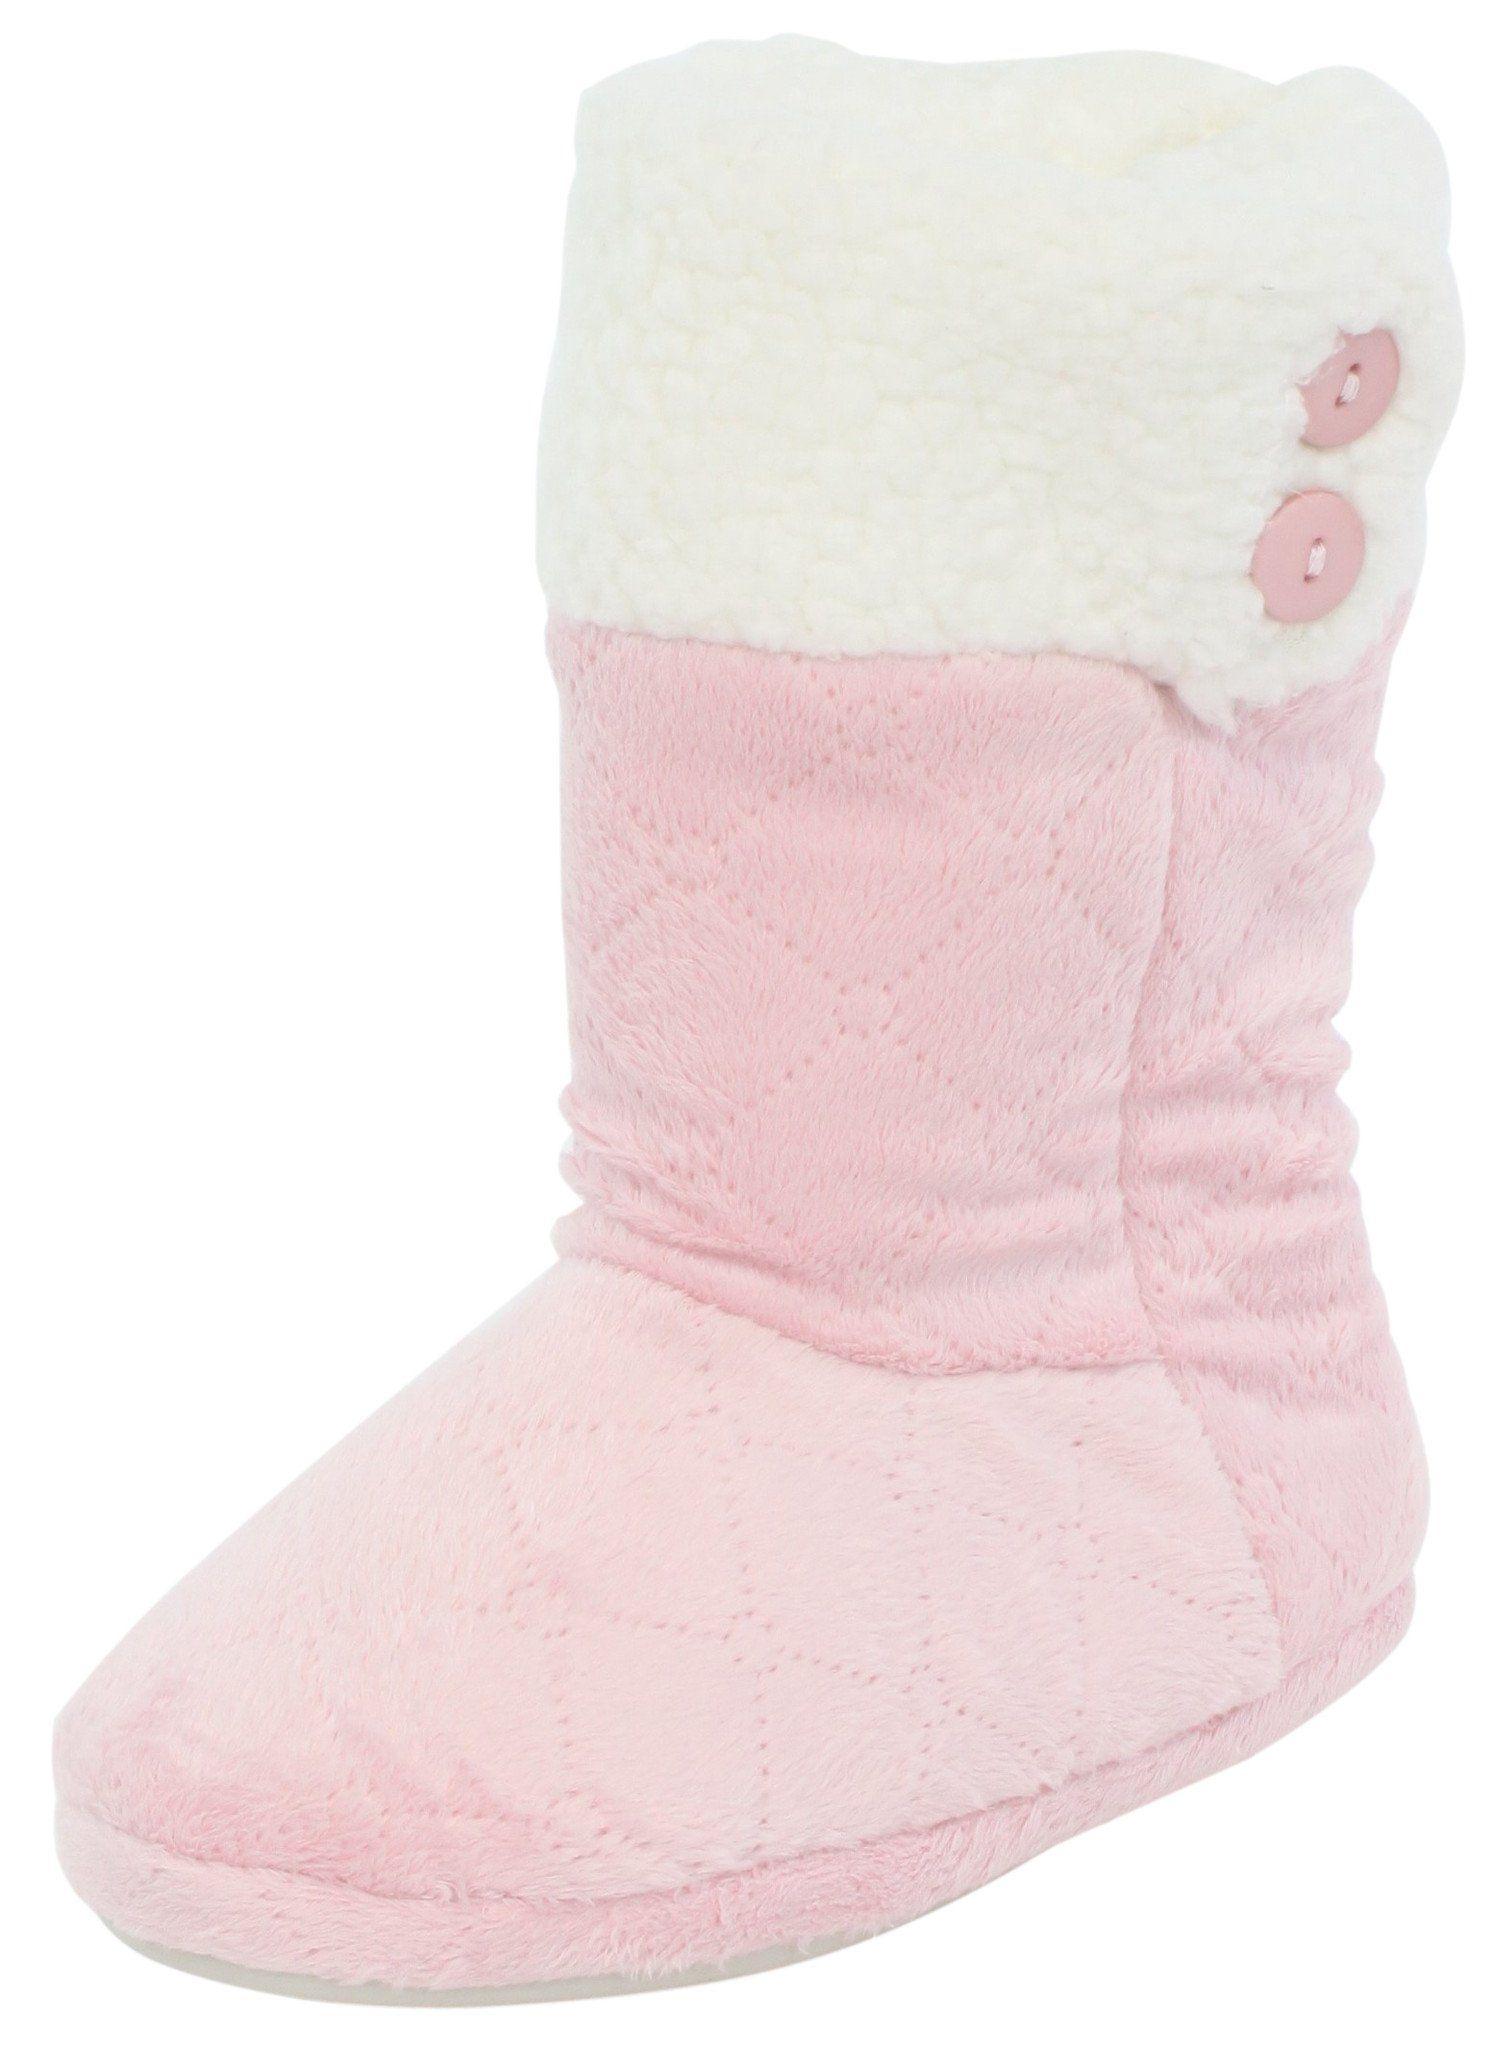 9965c21c0ad PajamaMania Women s Slipper Boots